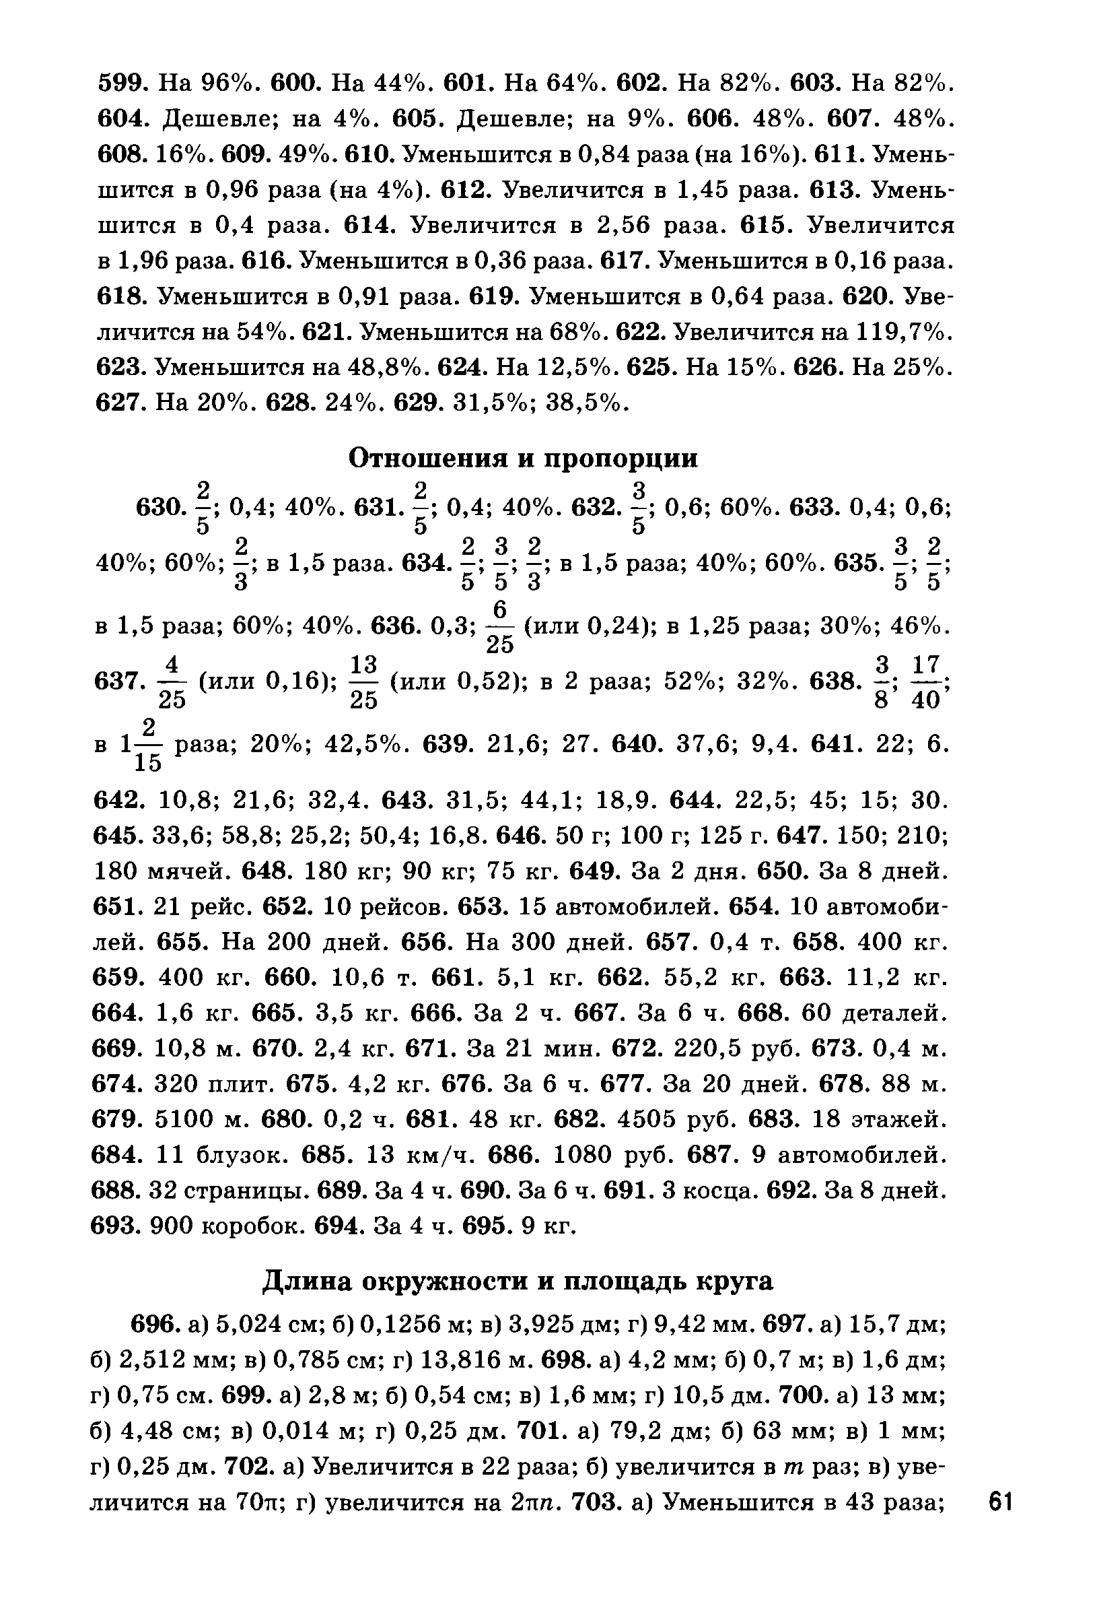 выговская в. по математике 6кл в. решебник